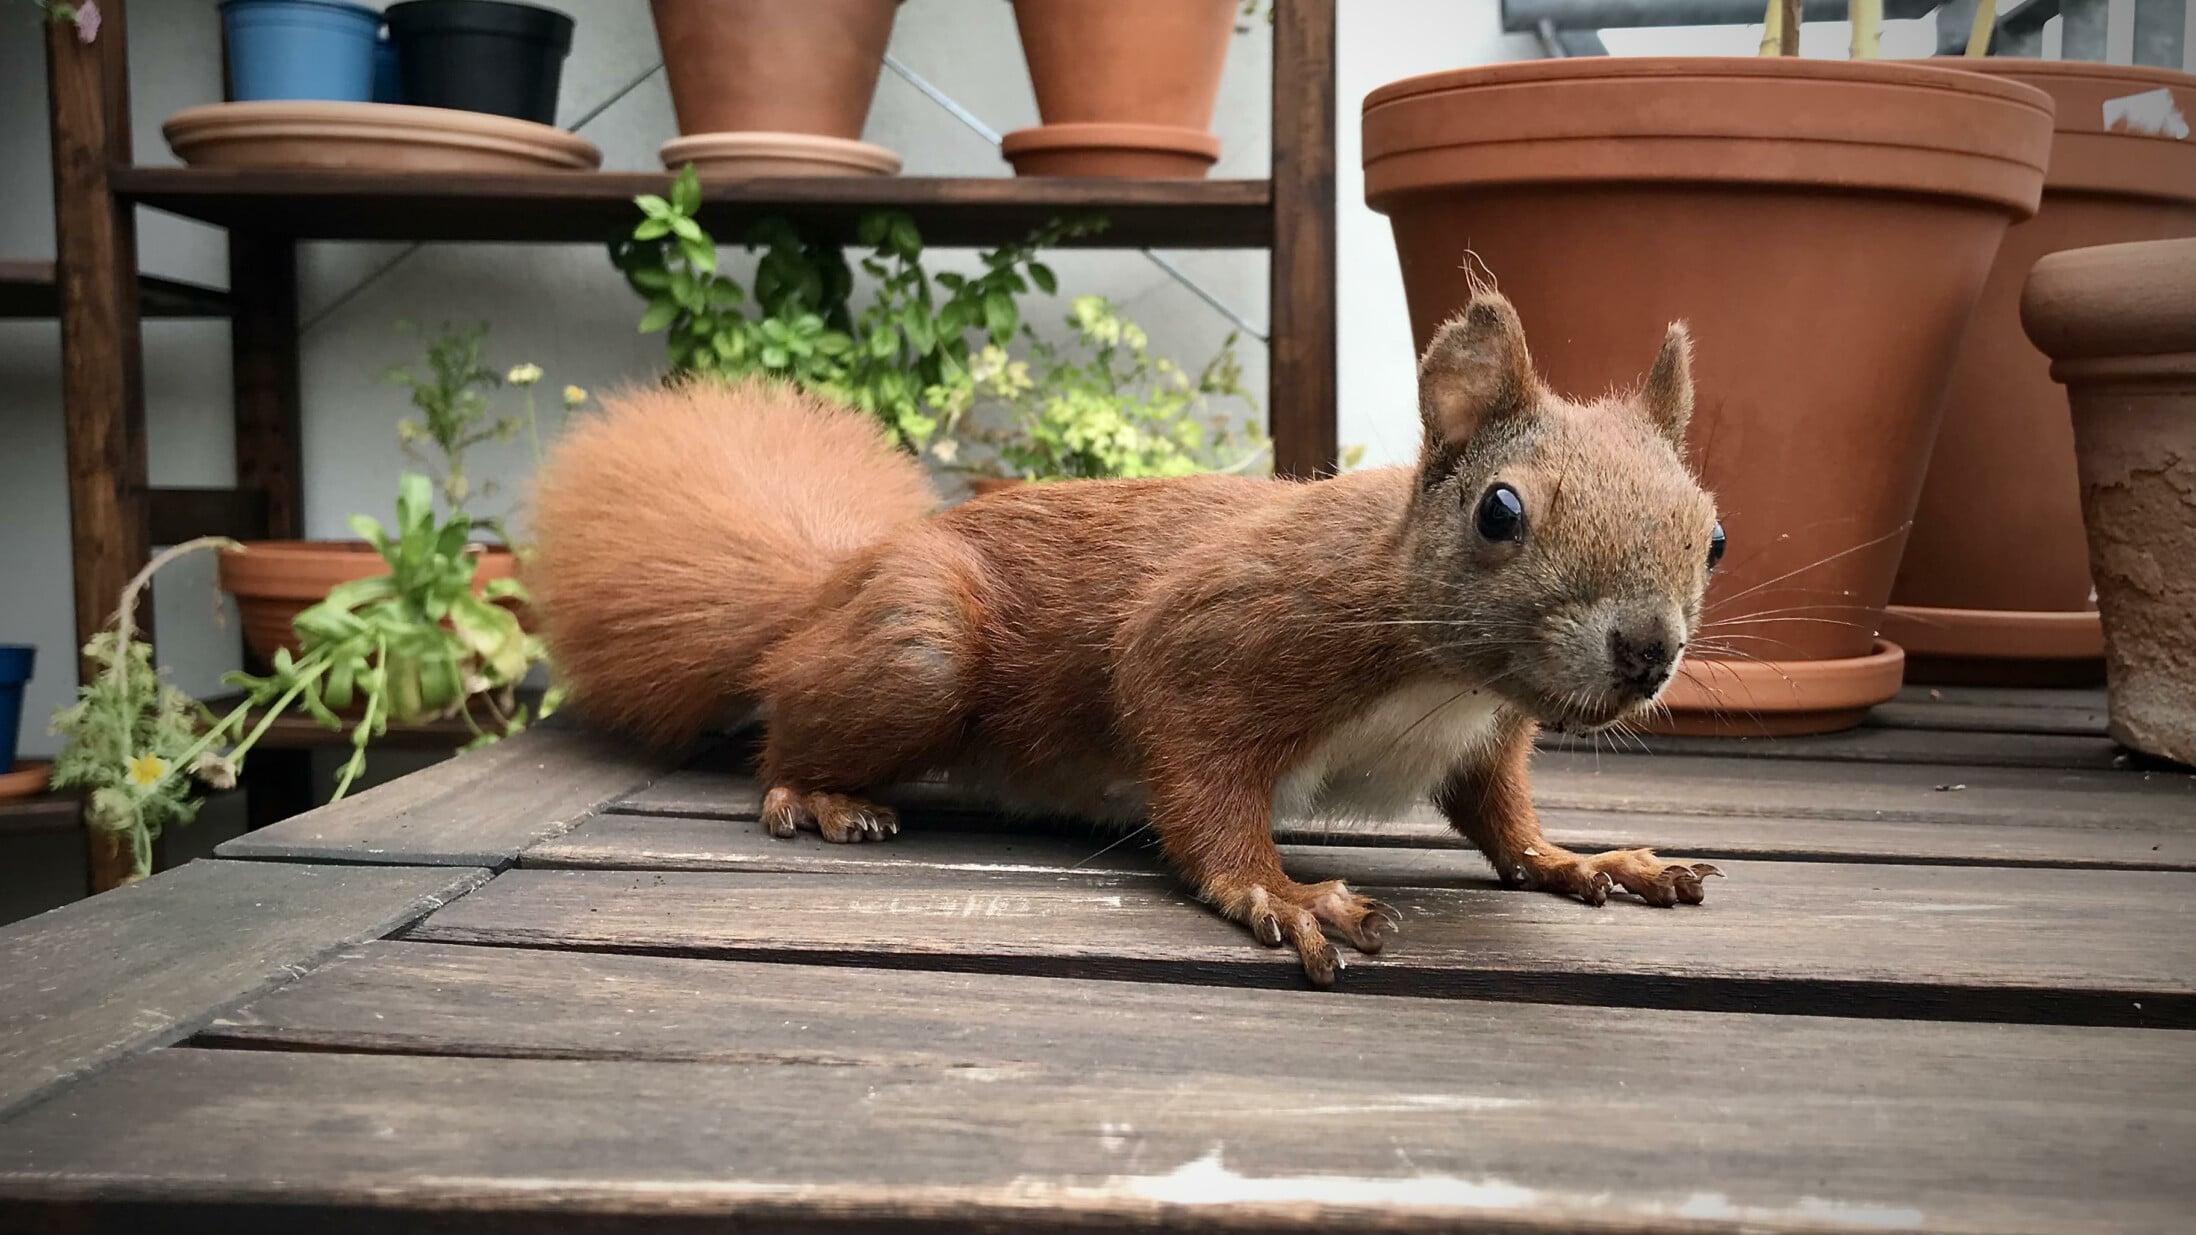 Eichhörnchen auf Holztisch